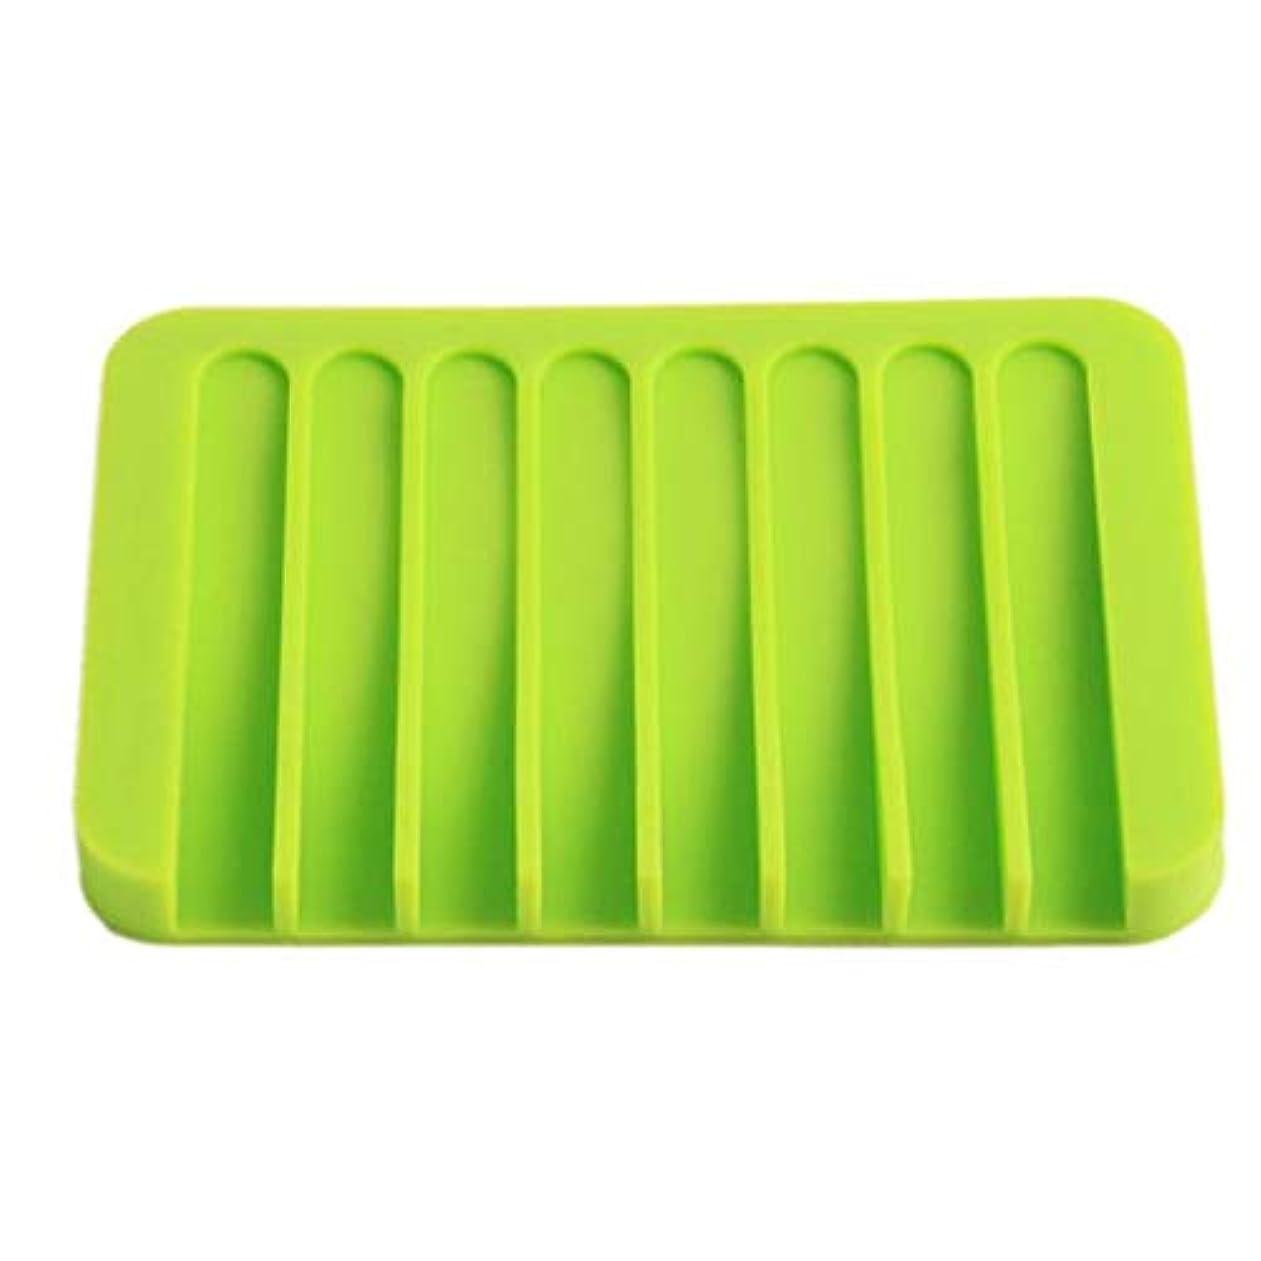 宿題をする社説パーティションOnior プレミアム品質のシリコーン浴室柔軟な石鹸皿ソープホルダー収納ソープボックスプレートトレイ排水、グリーン